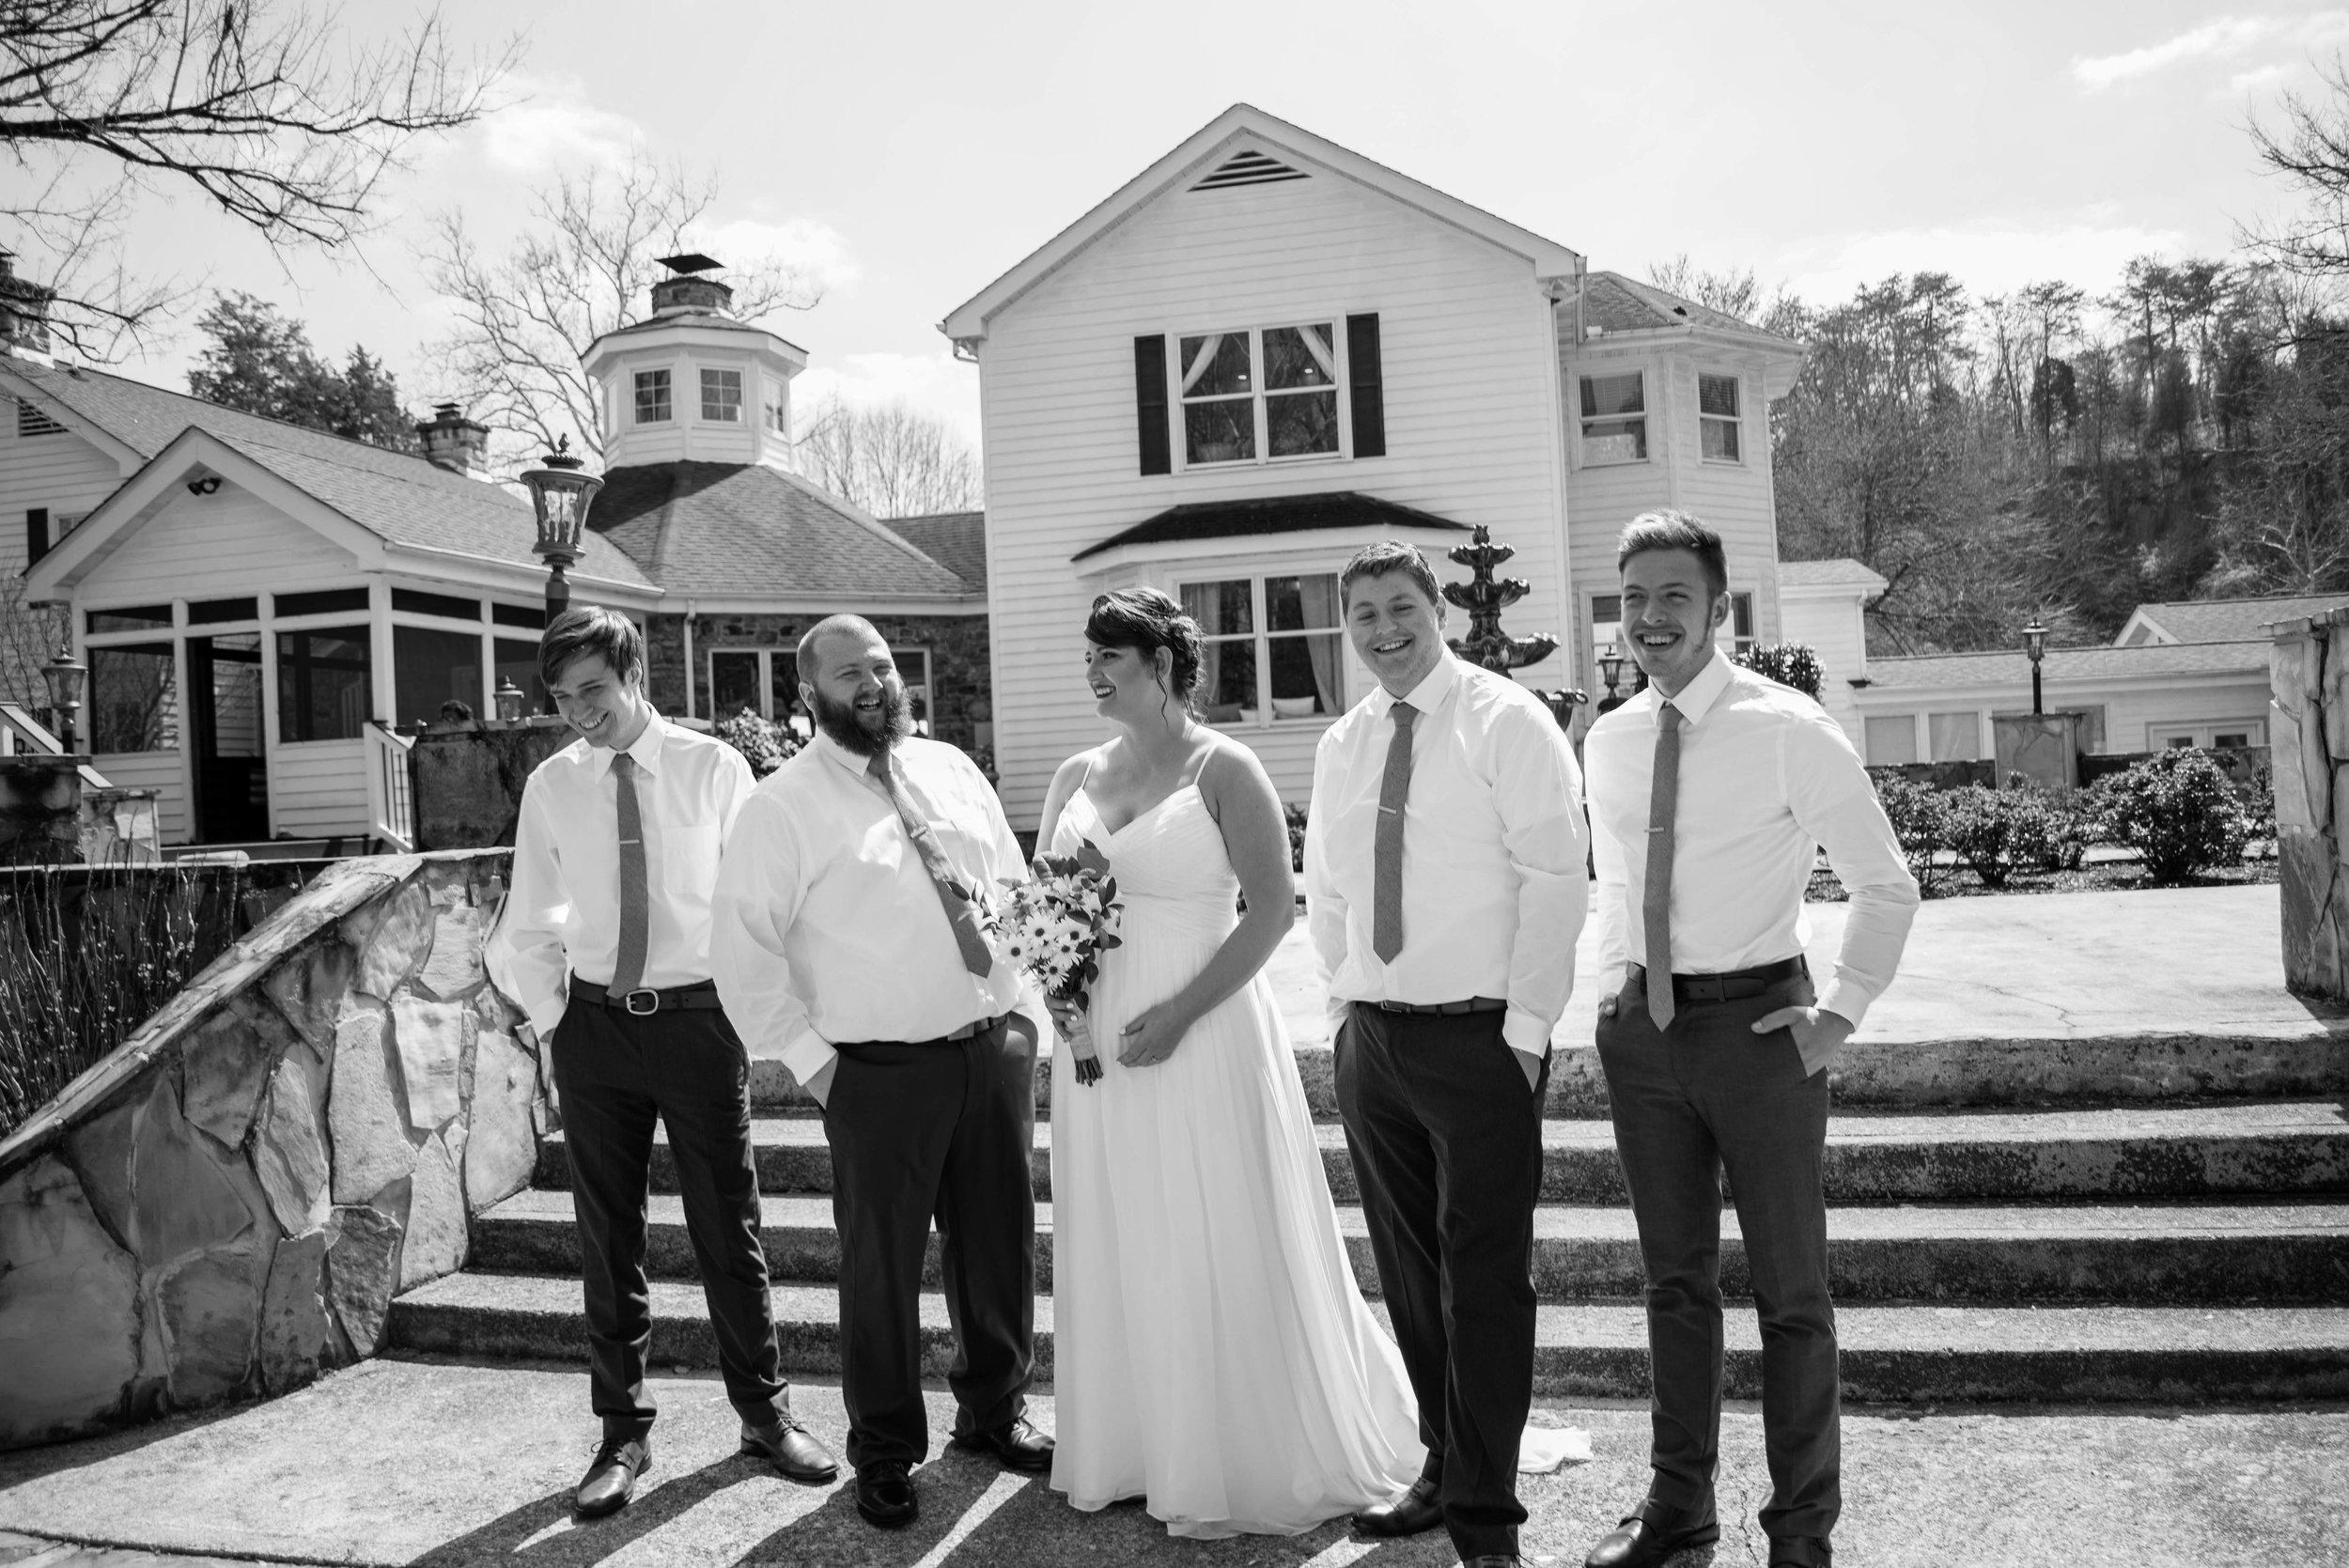 weddingpartyb&w-017.jpg